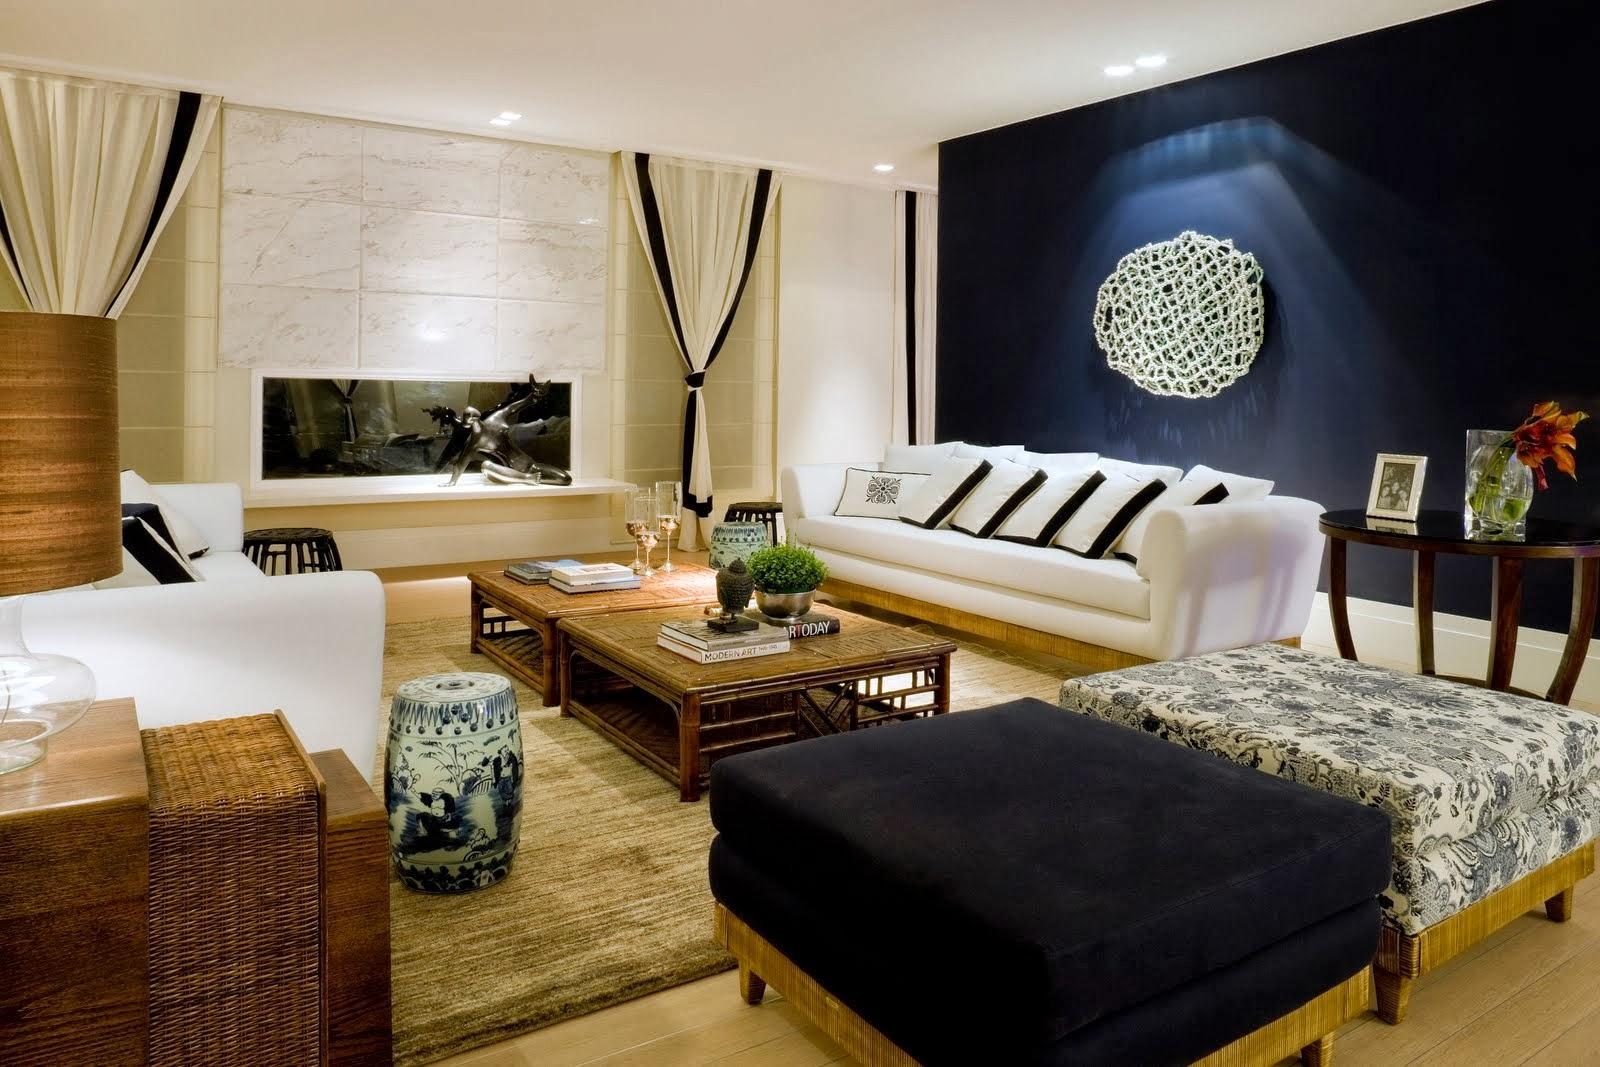 Sala De Estar Branca E Azul ~  maravilhosos!  Decor Salteado  Blog de Decoração e Arquitetura